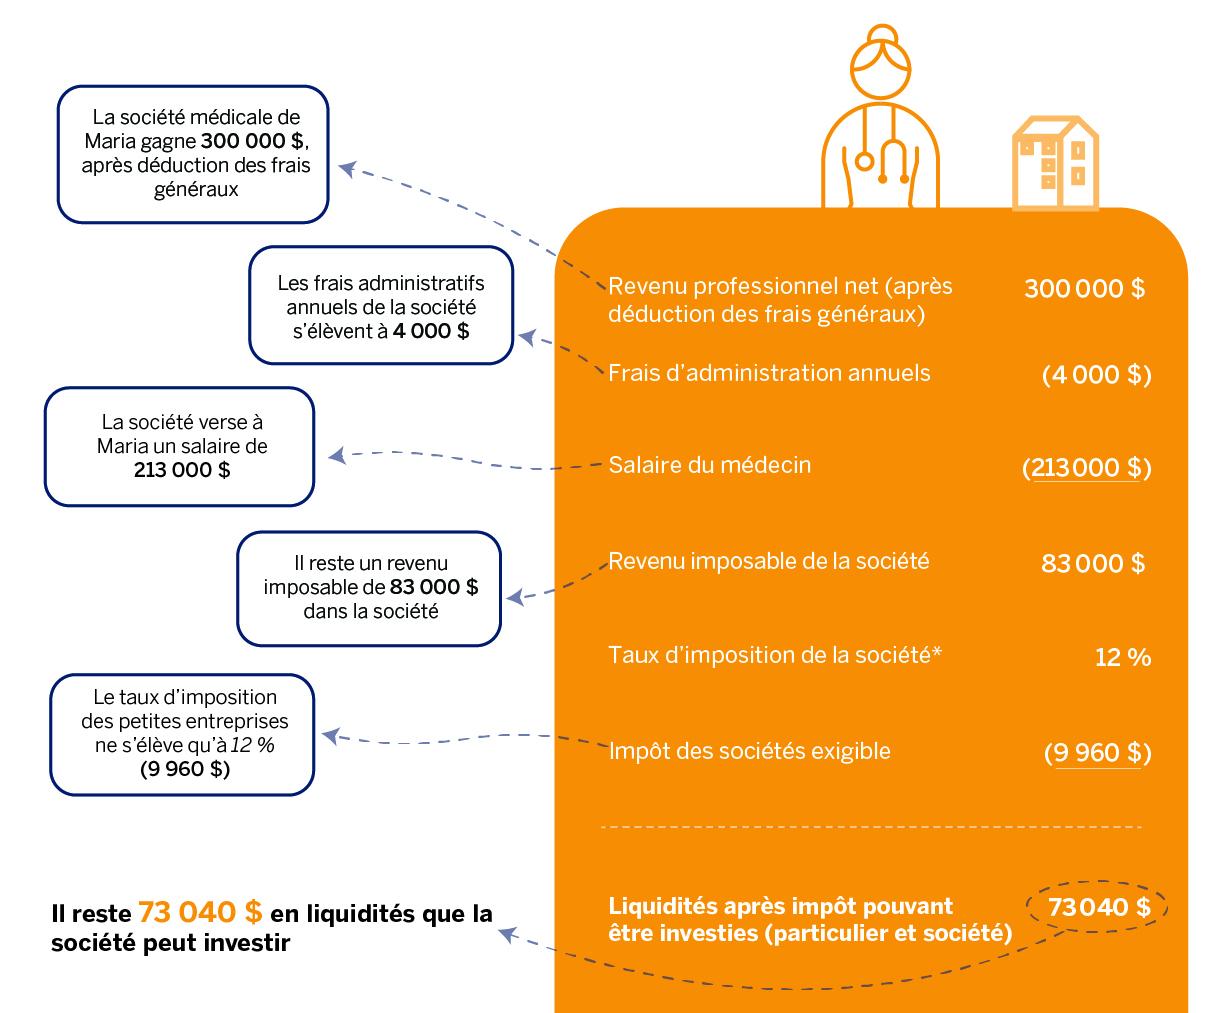 Un résumé graphique illustrant le total des liquidités après impôt de la société que Maria peut investir.